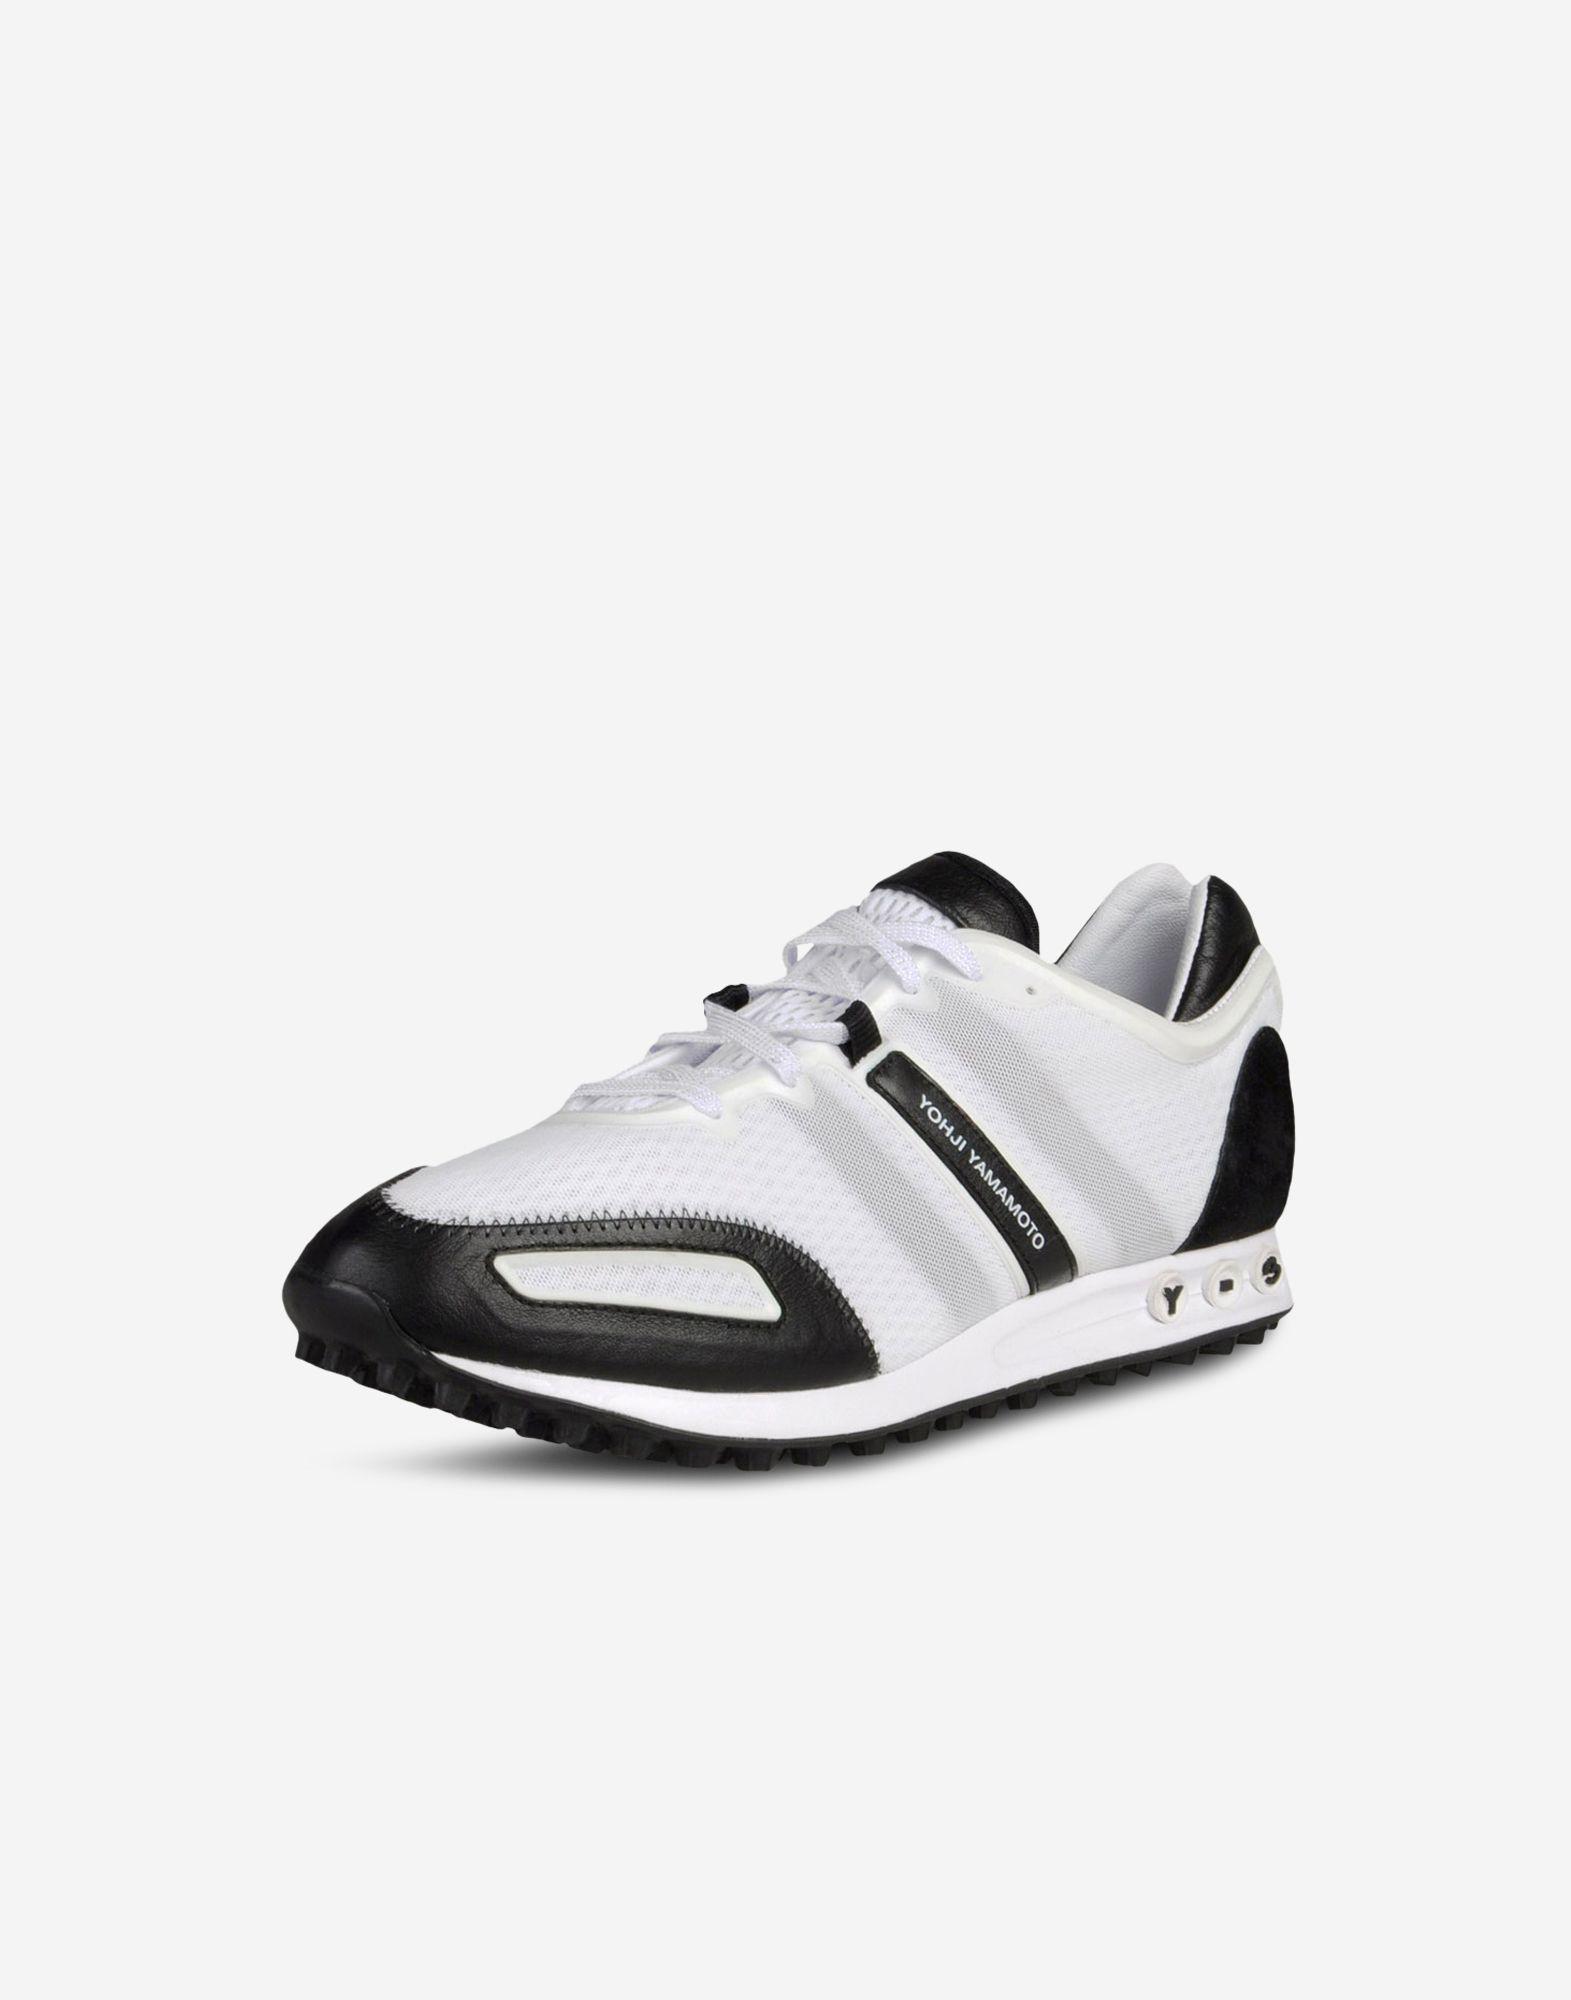 adidas y3 sprint trainers